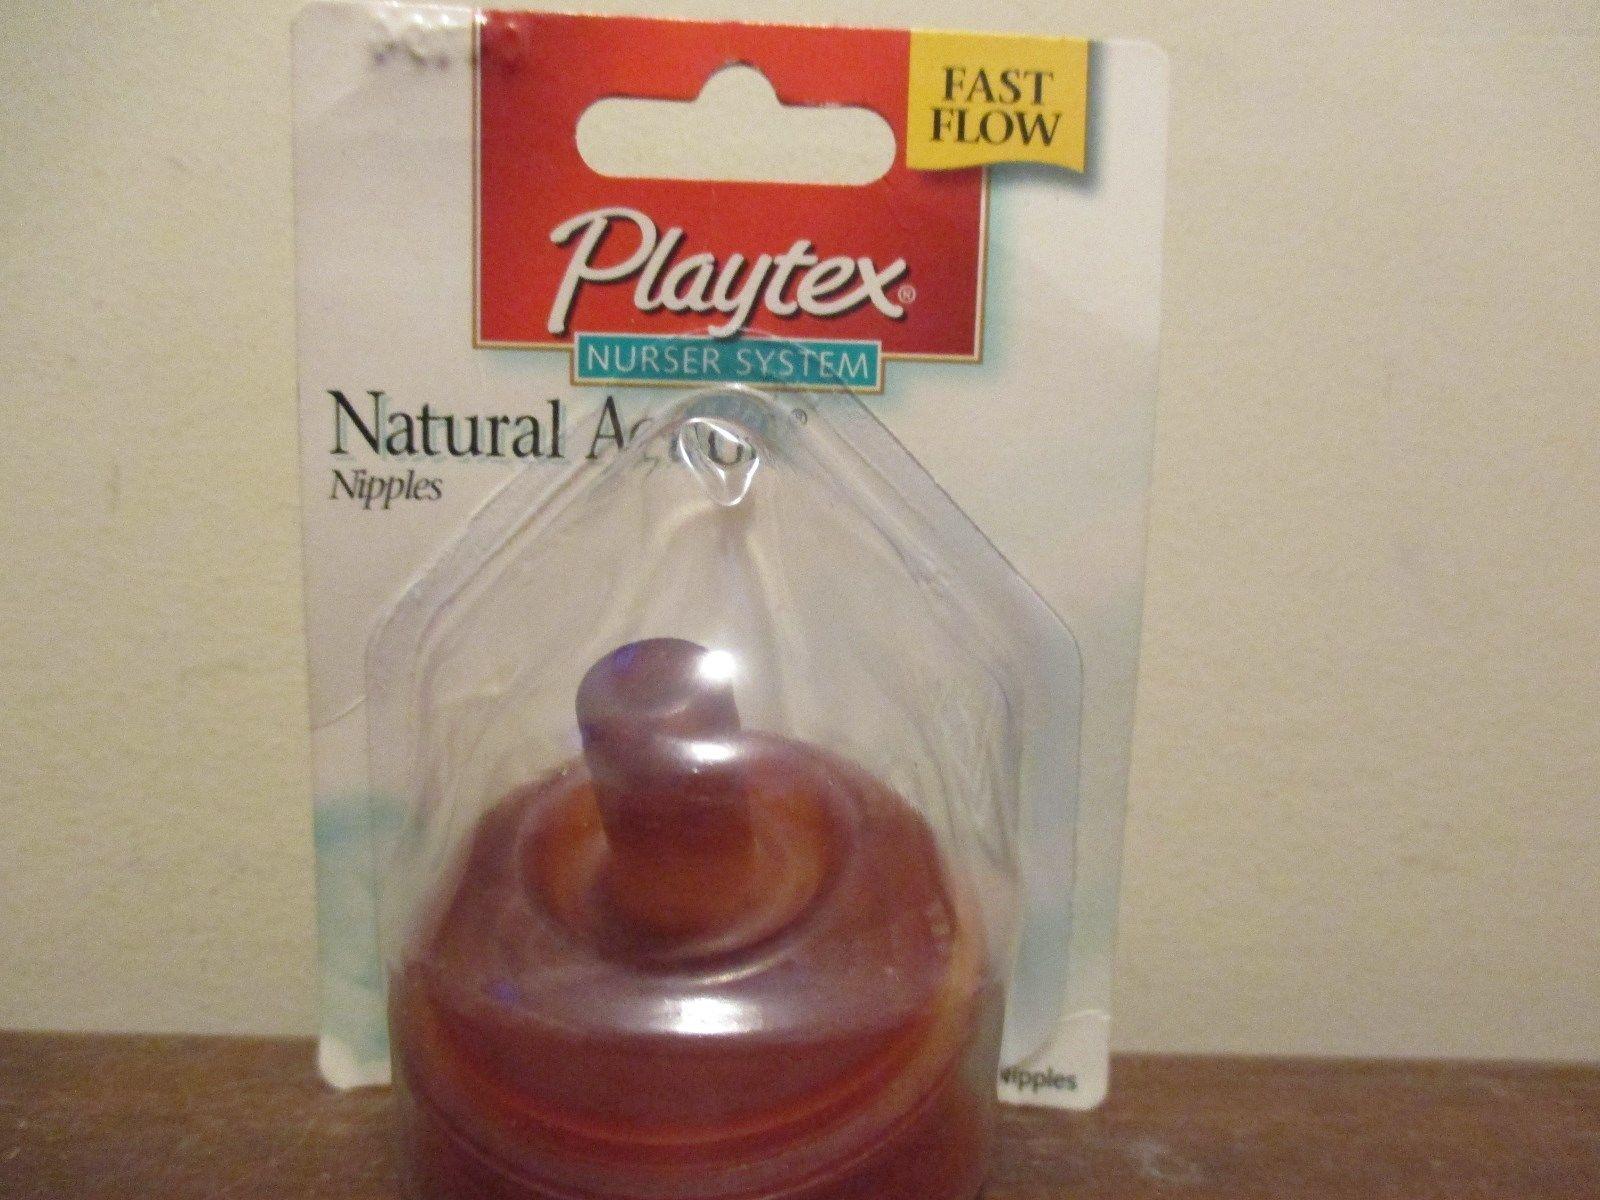 Playtex natural action nipples, naked teenager italy girl